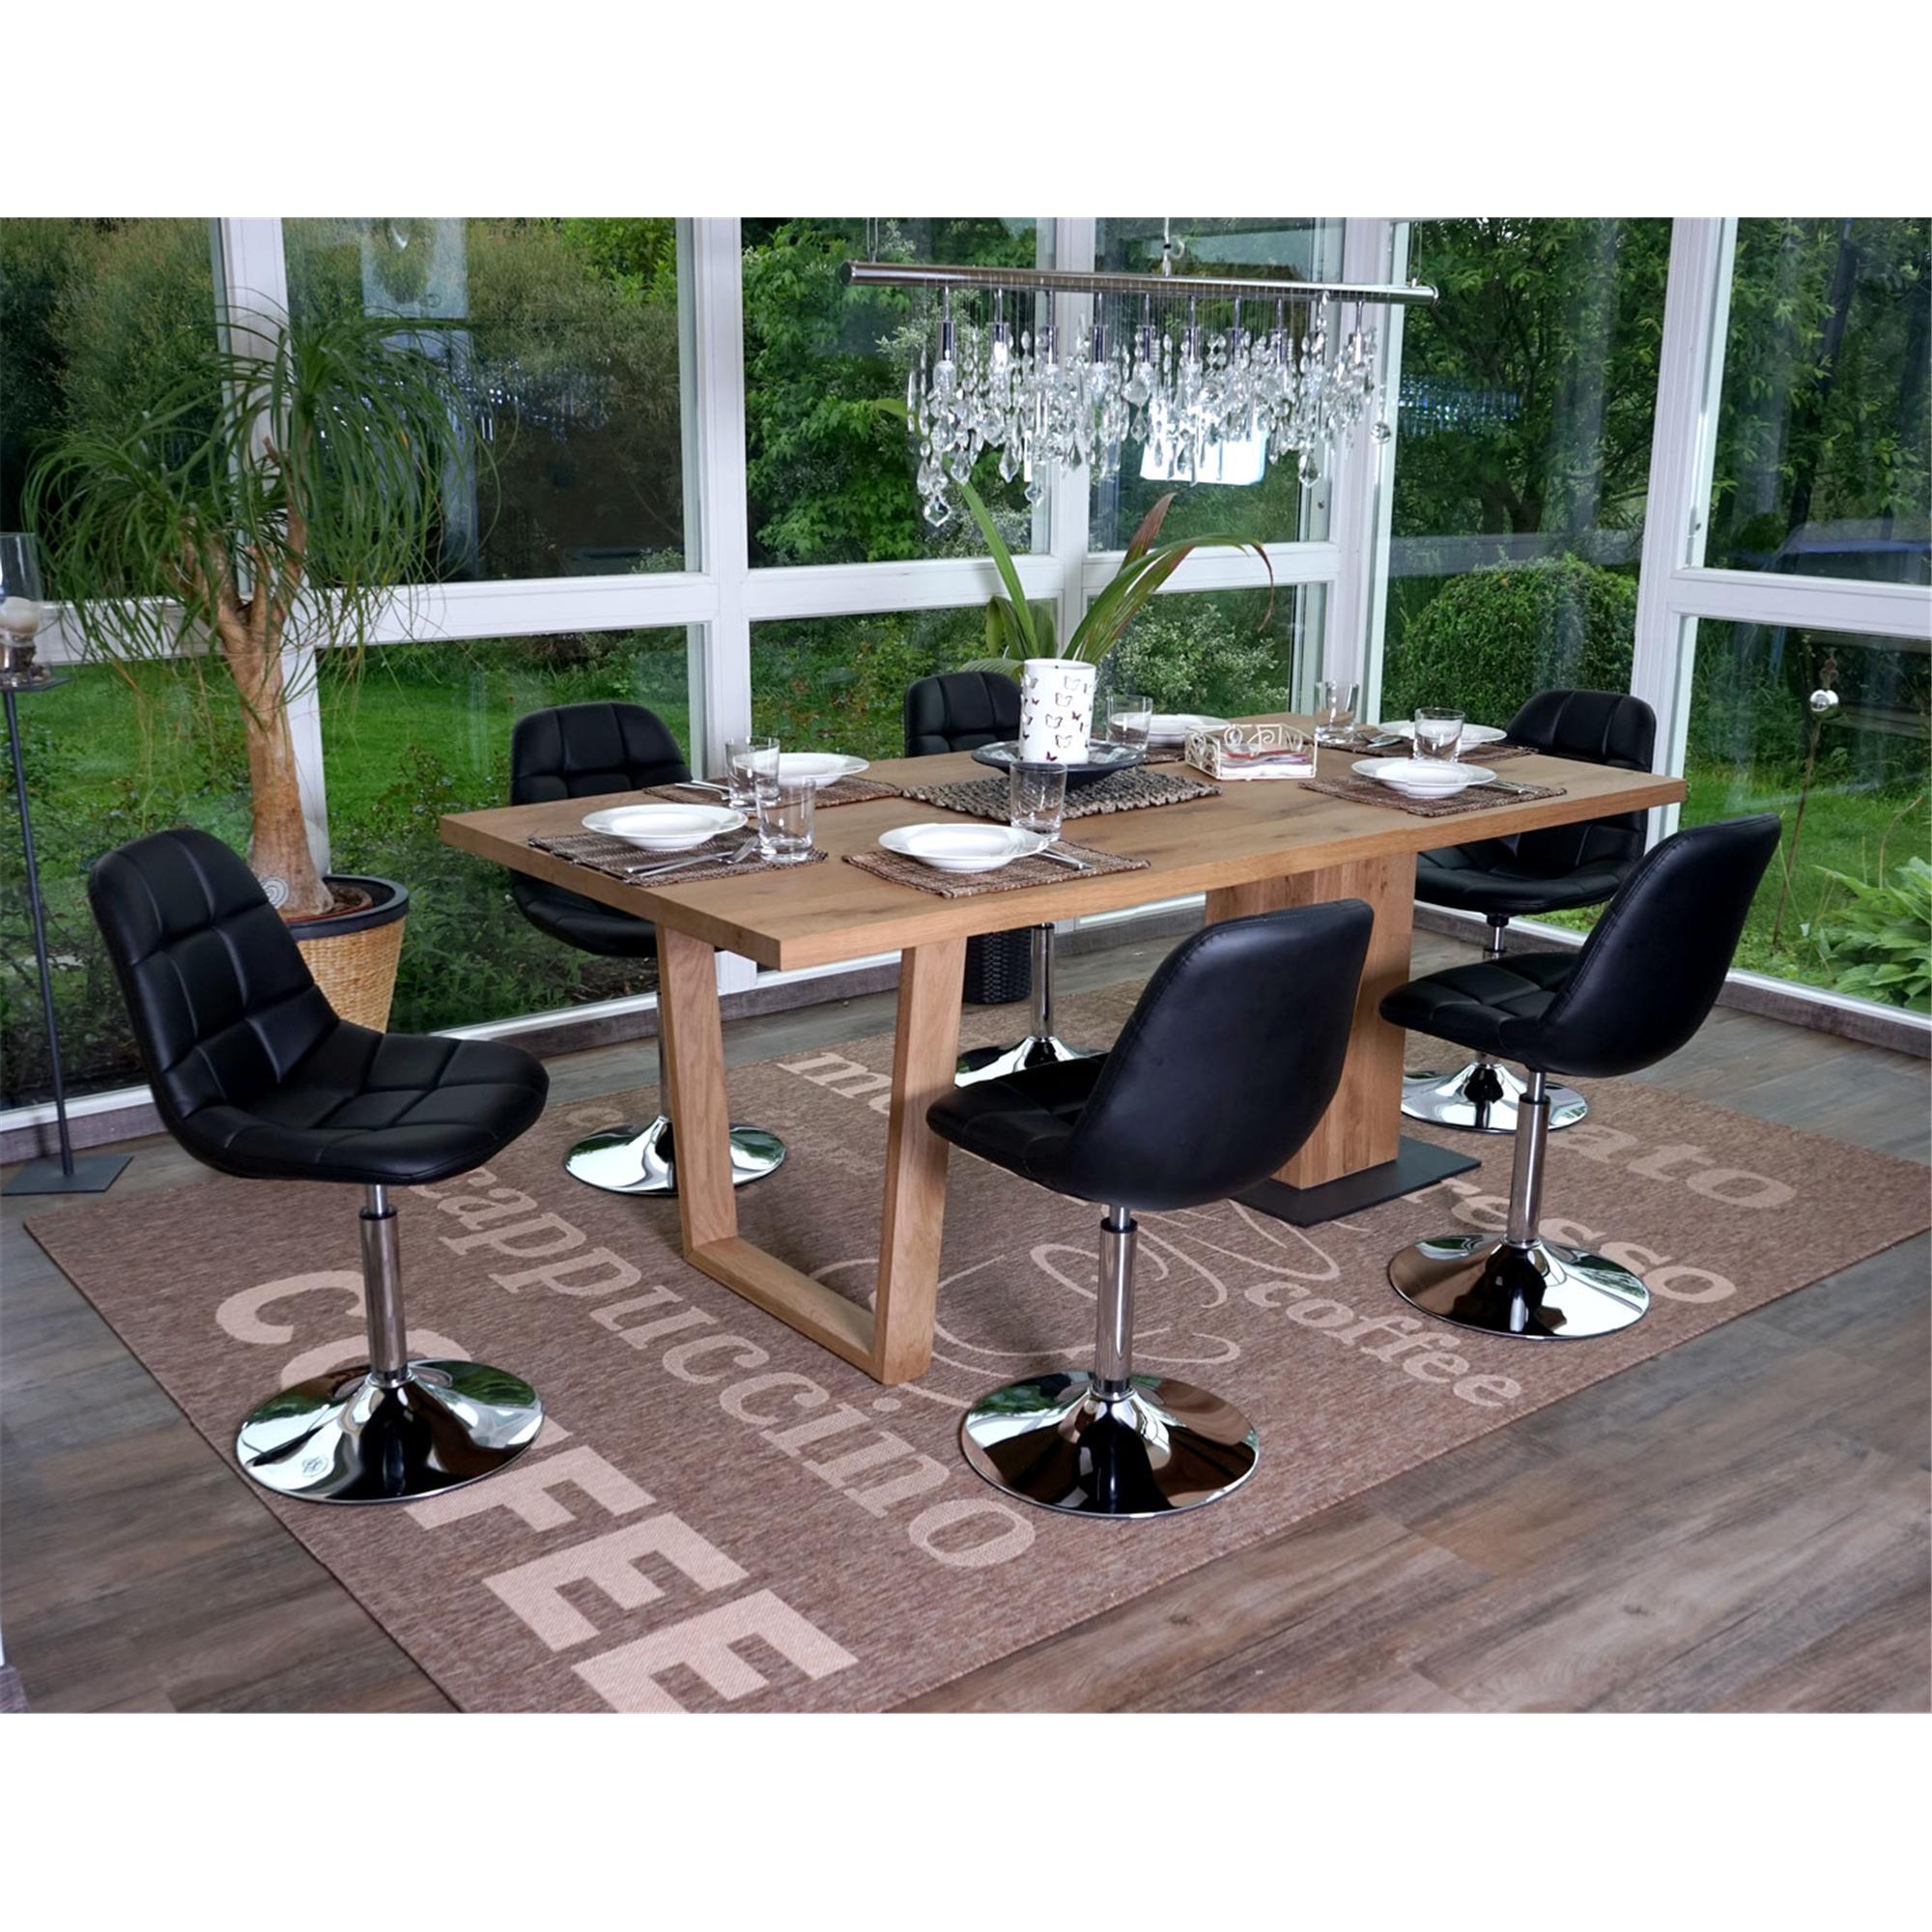 Conjunto de 6 sillas comedor tom en piel negra conjunto for Sillas de comedor de piel